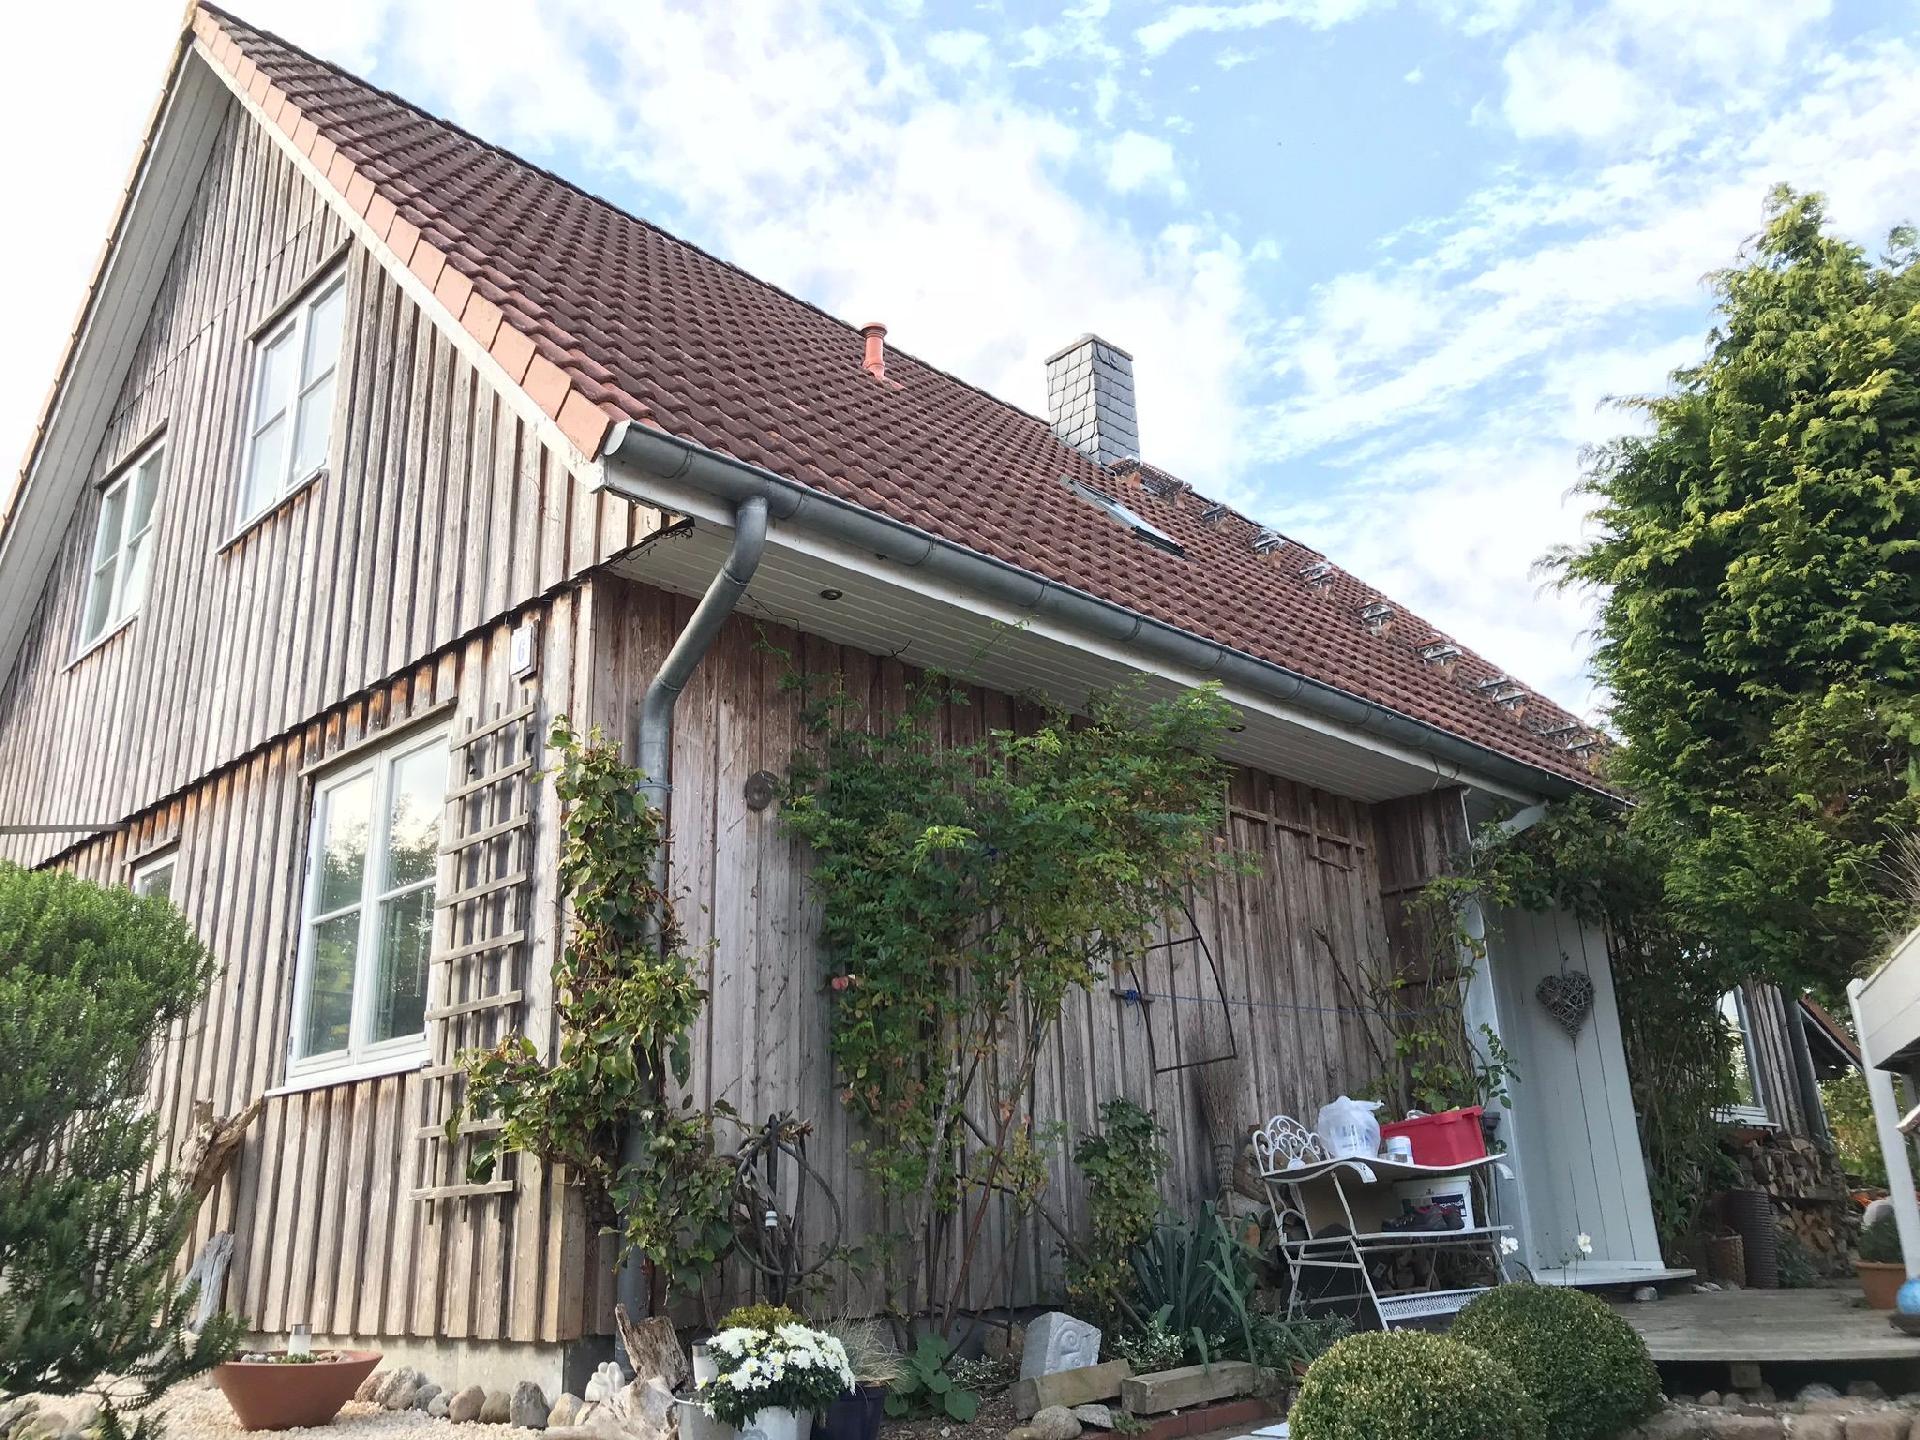 Ferienwohnung für 2 Personen ca. 60 m² i  in Sachsen